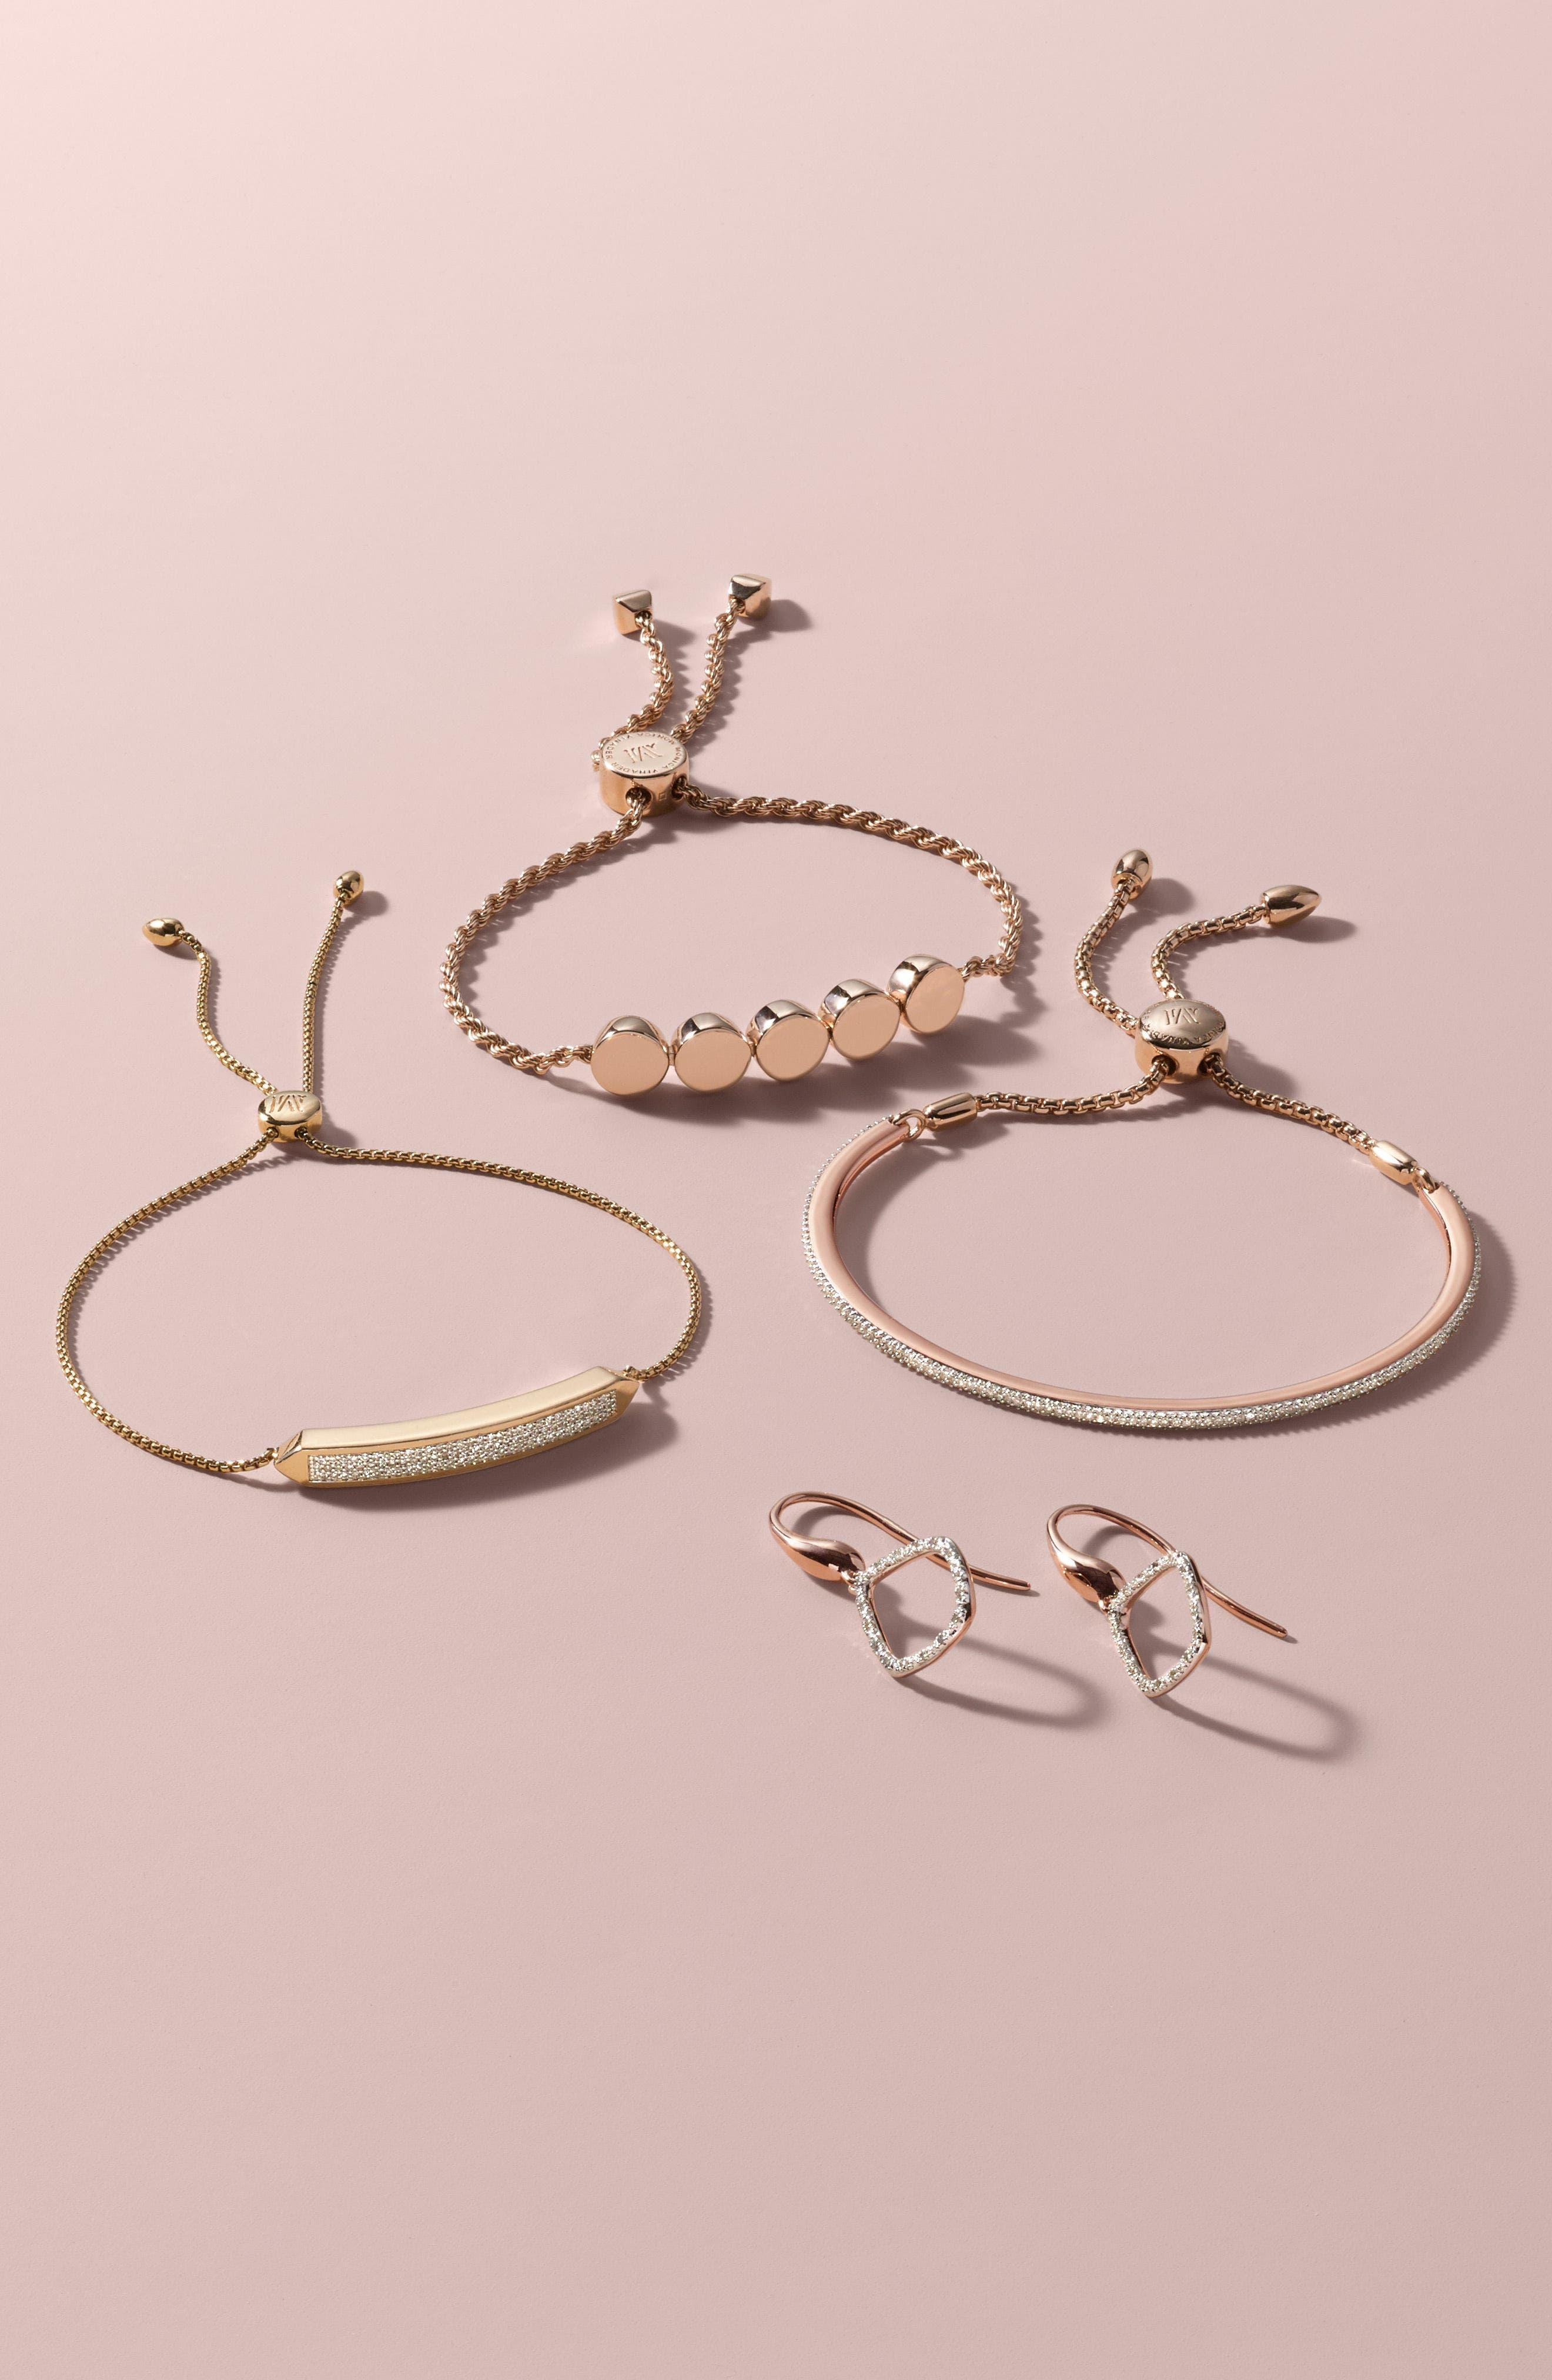 Engravable Linear Bead Friendship Bracelet,                             Alternate thumbnail 3, color,                             SILVER